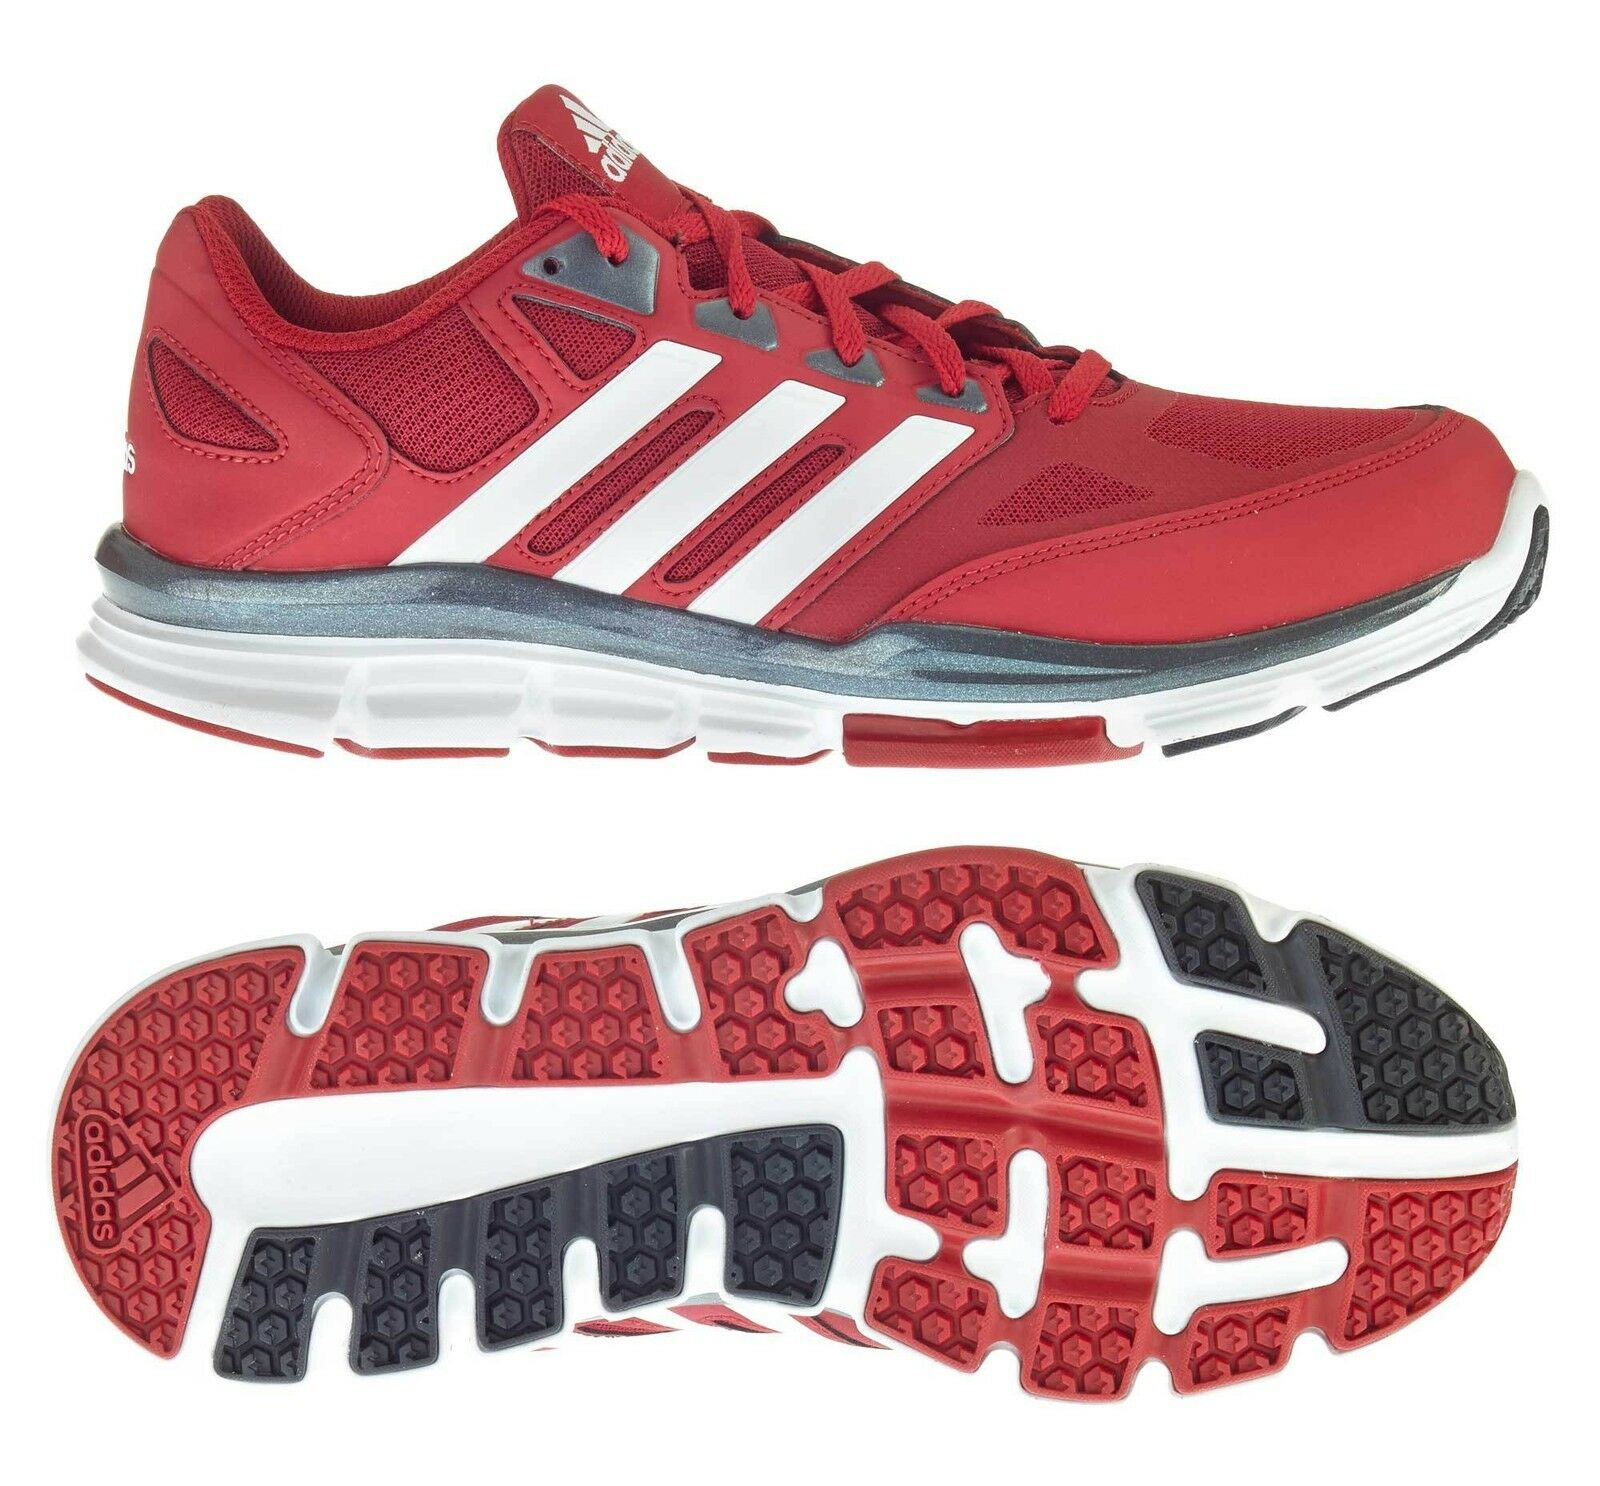 Adidas Training zapato Speed entrenador rojo blancoo (d74010) fitness -  ocio zapatos  punto de venta en línea